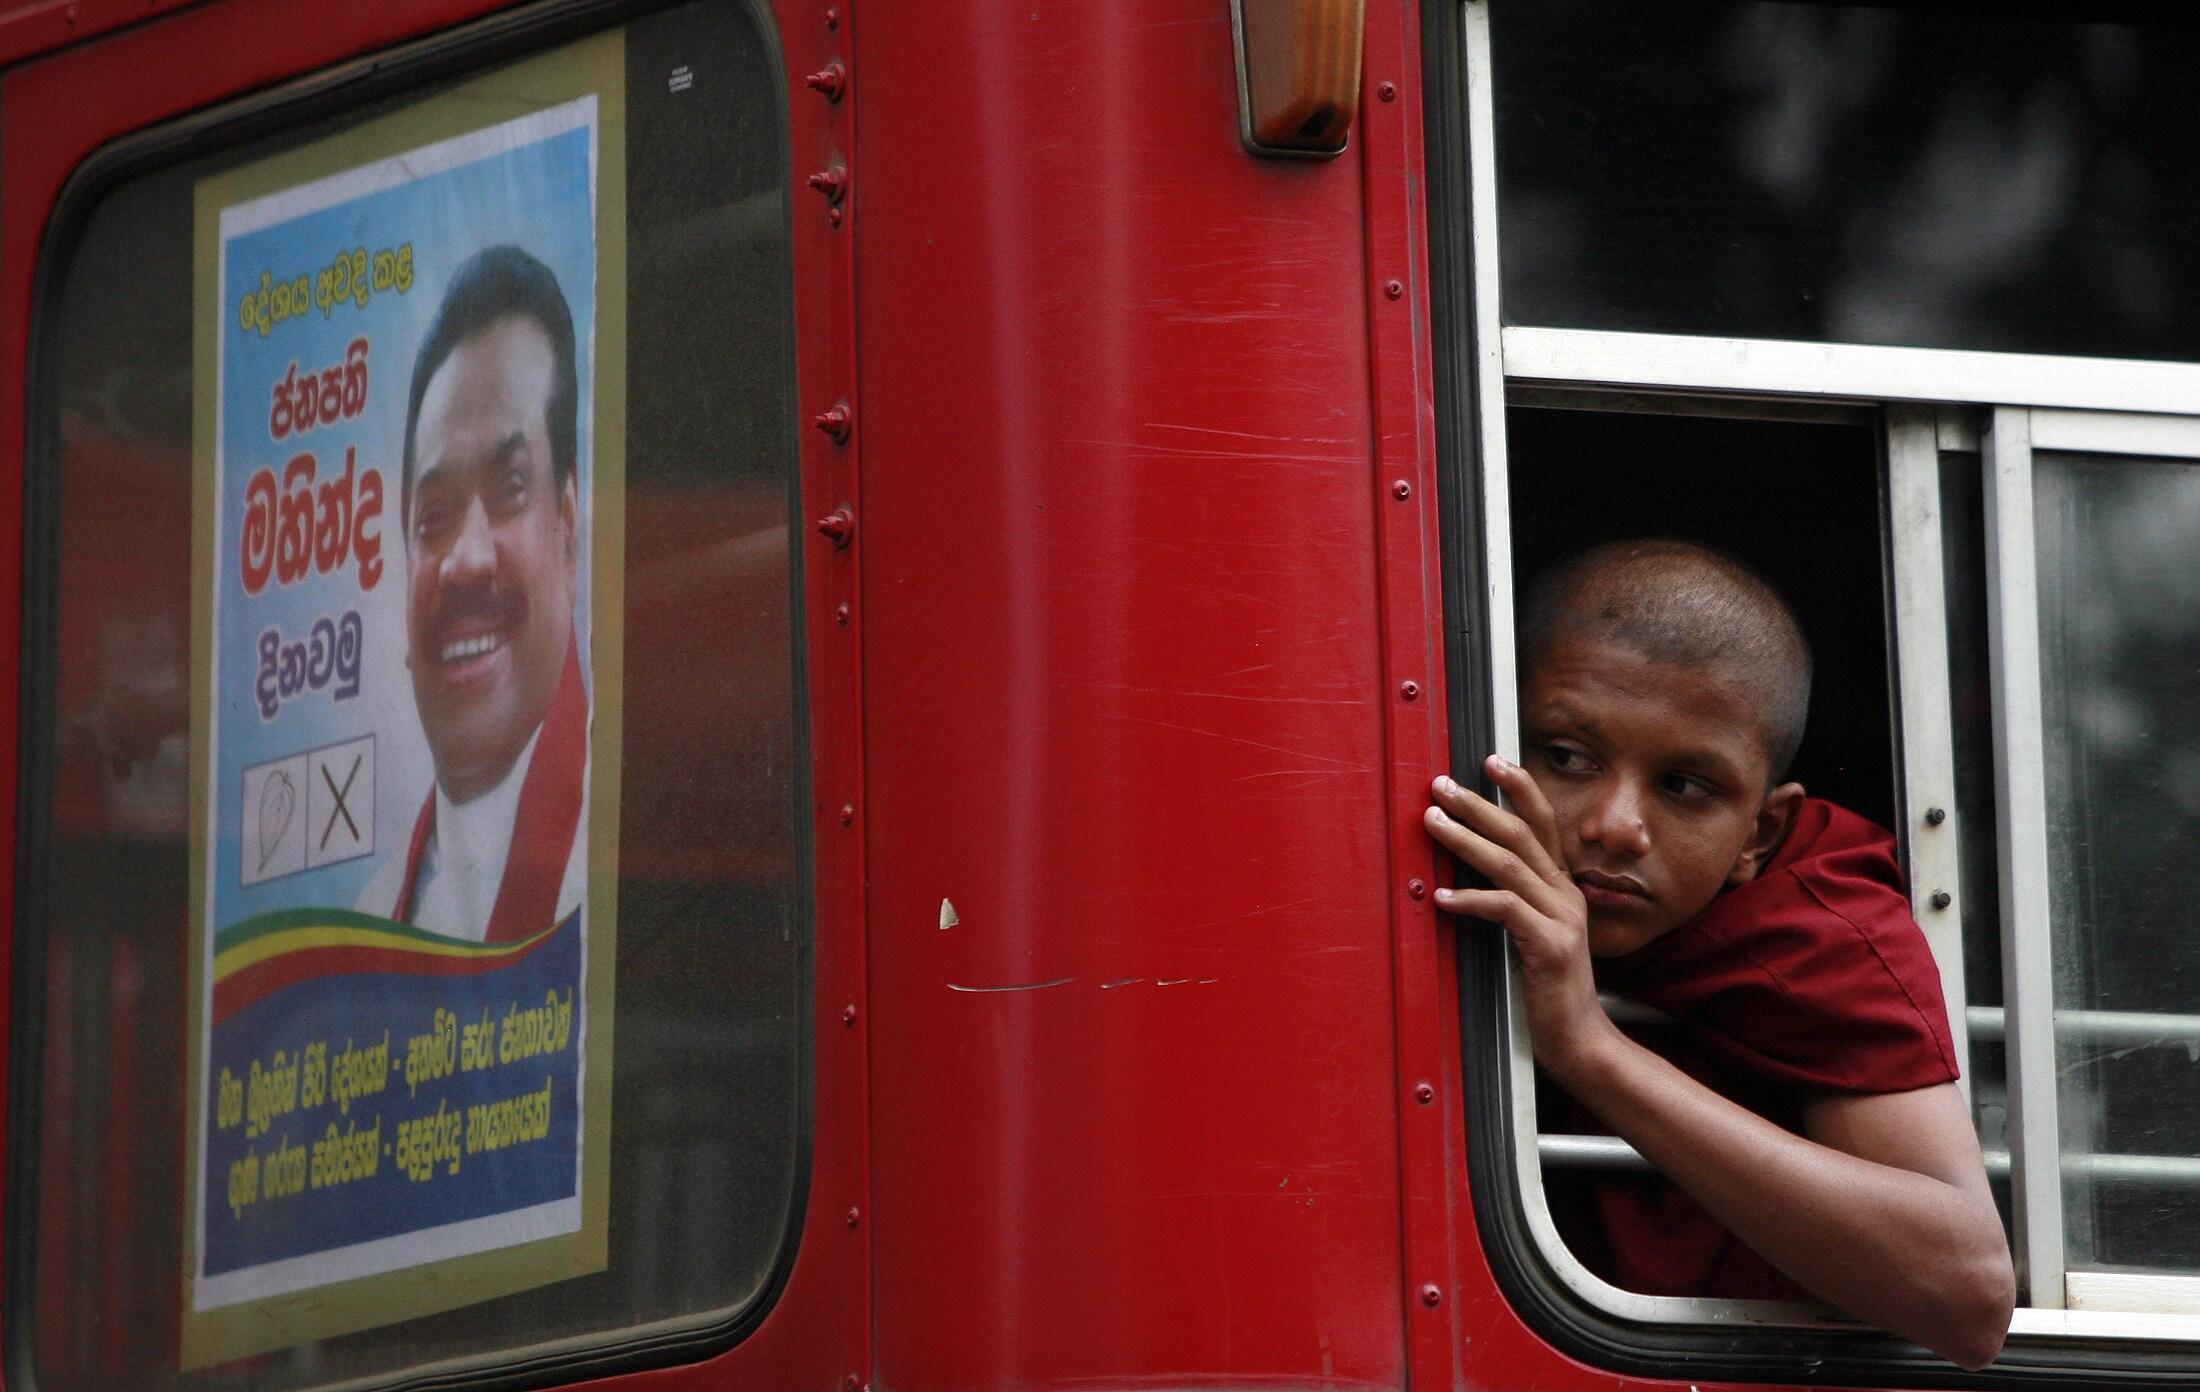 Le président sri lankais Mahinda Rajapakse (sur l'affiche) a convoqué une élection présidentielle anticipée, deux ans avant l'échéance normale.